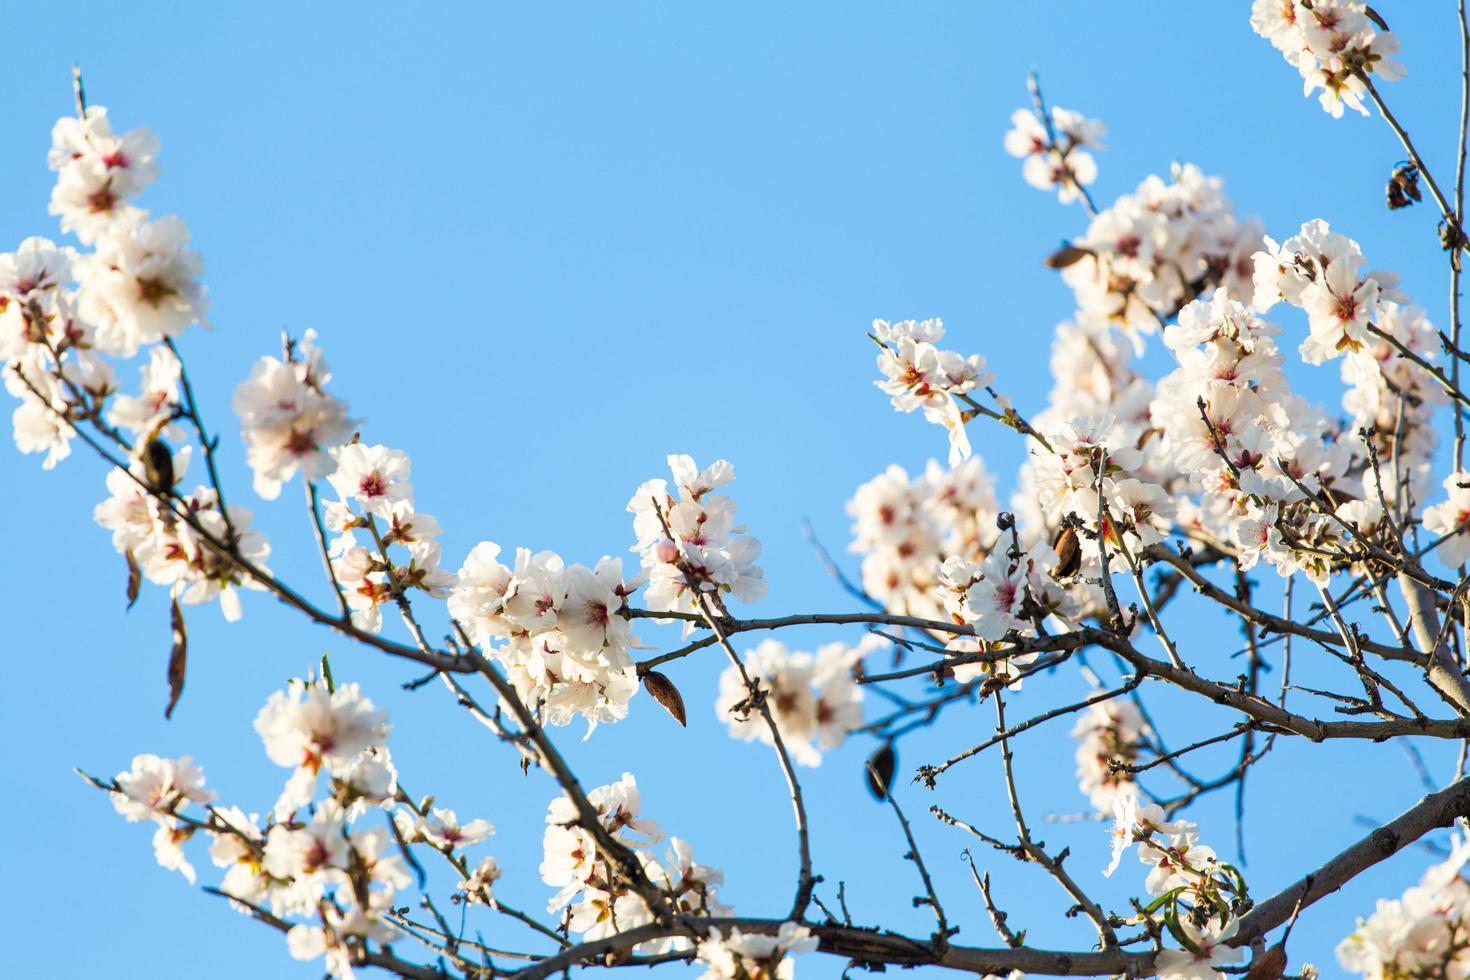 White cherry blossoms photo